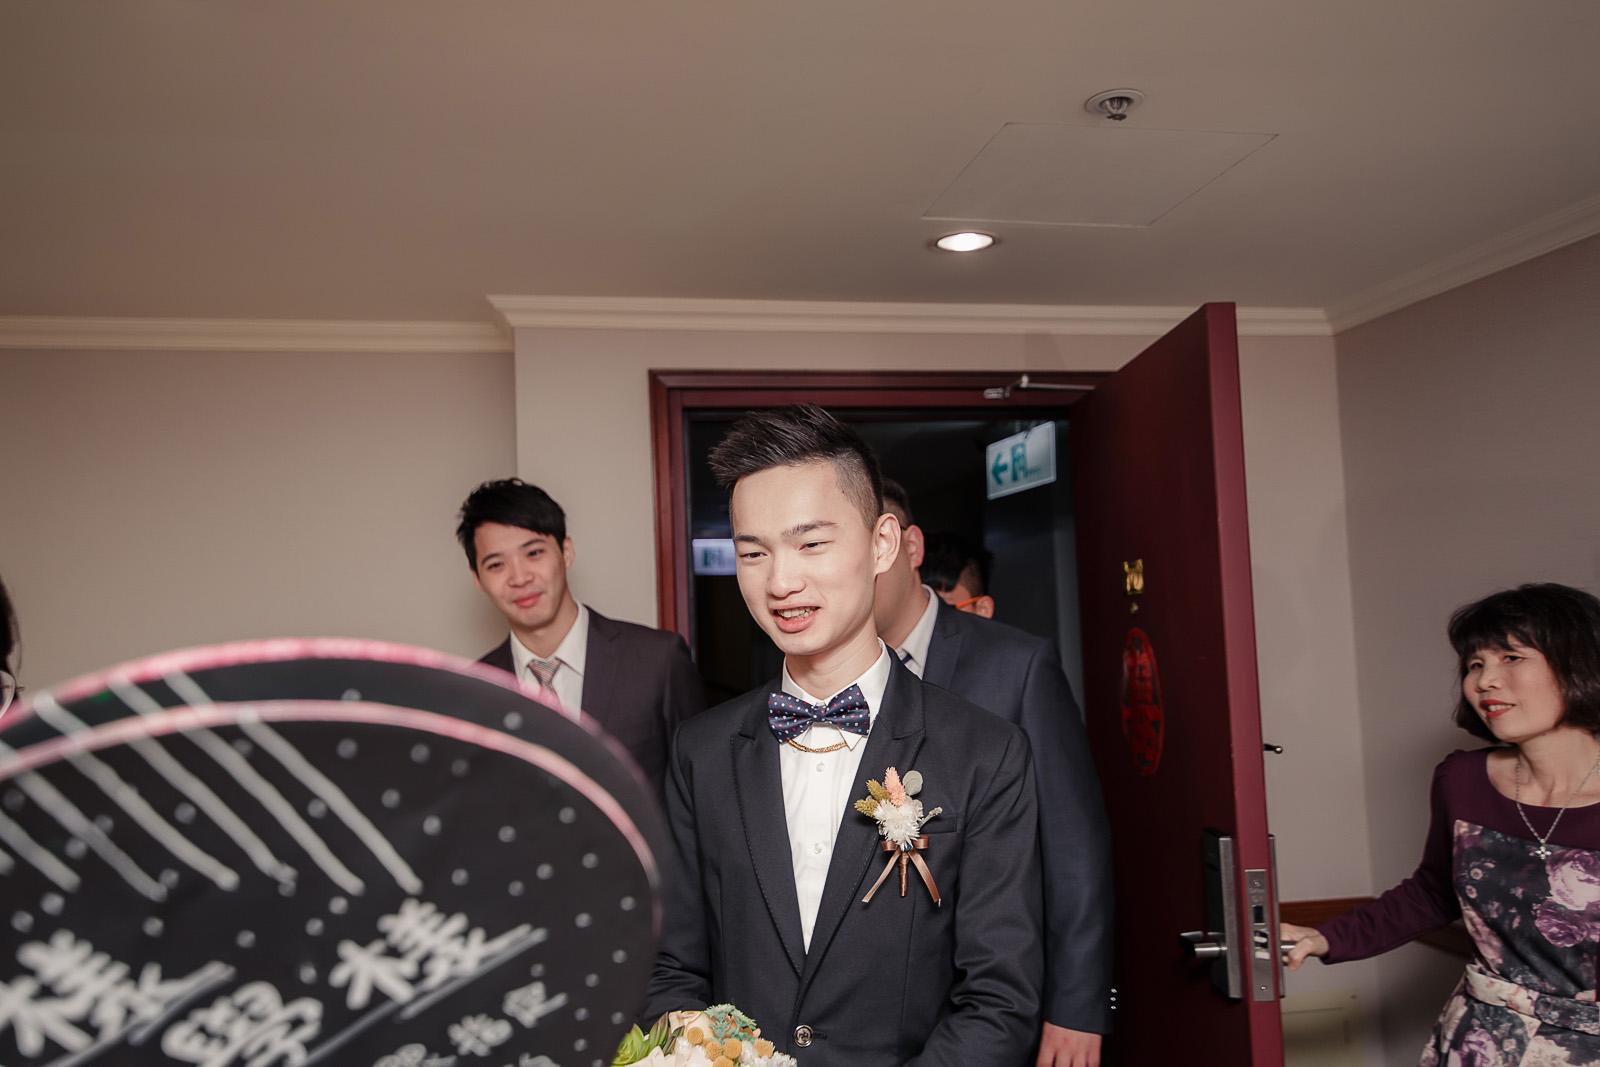 高雄圓山飯店,婚禮攝影,婚攝,高雄婚攝,優質婚攝推薦,Jen&Ethan-114